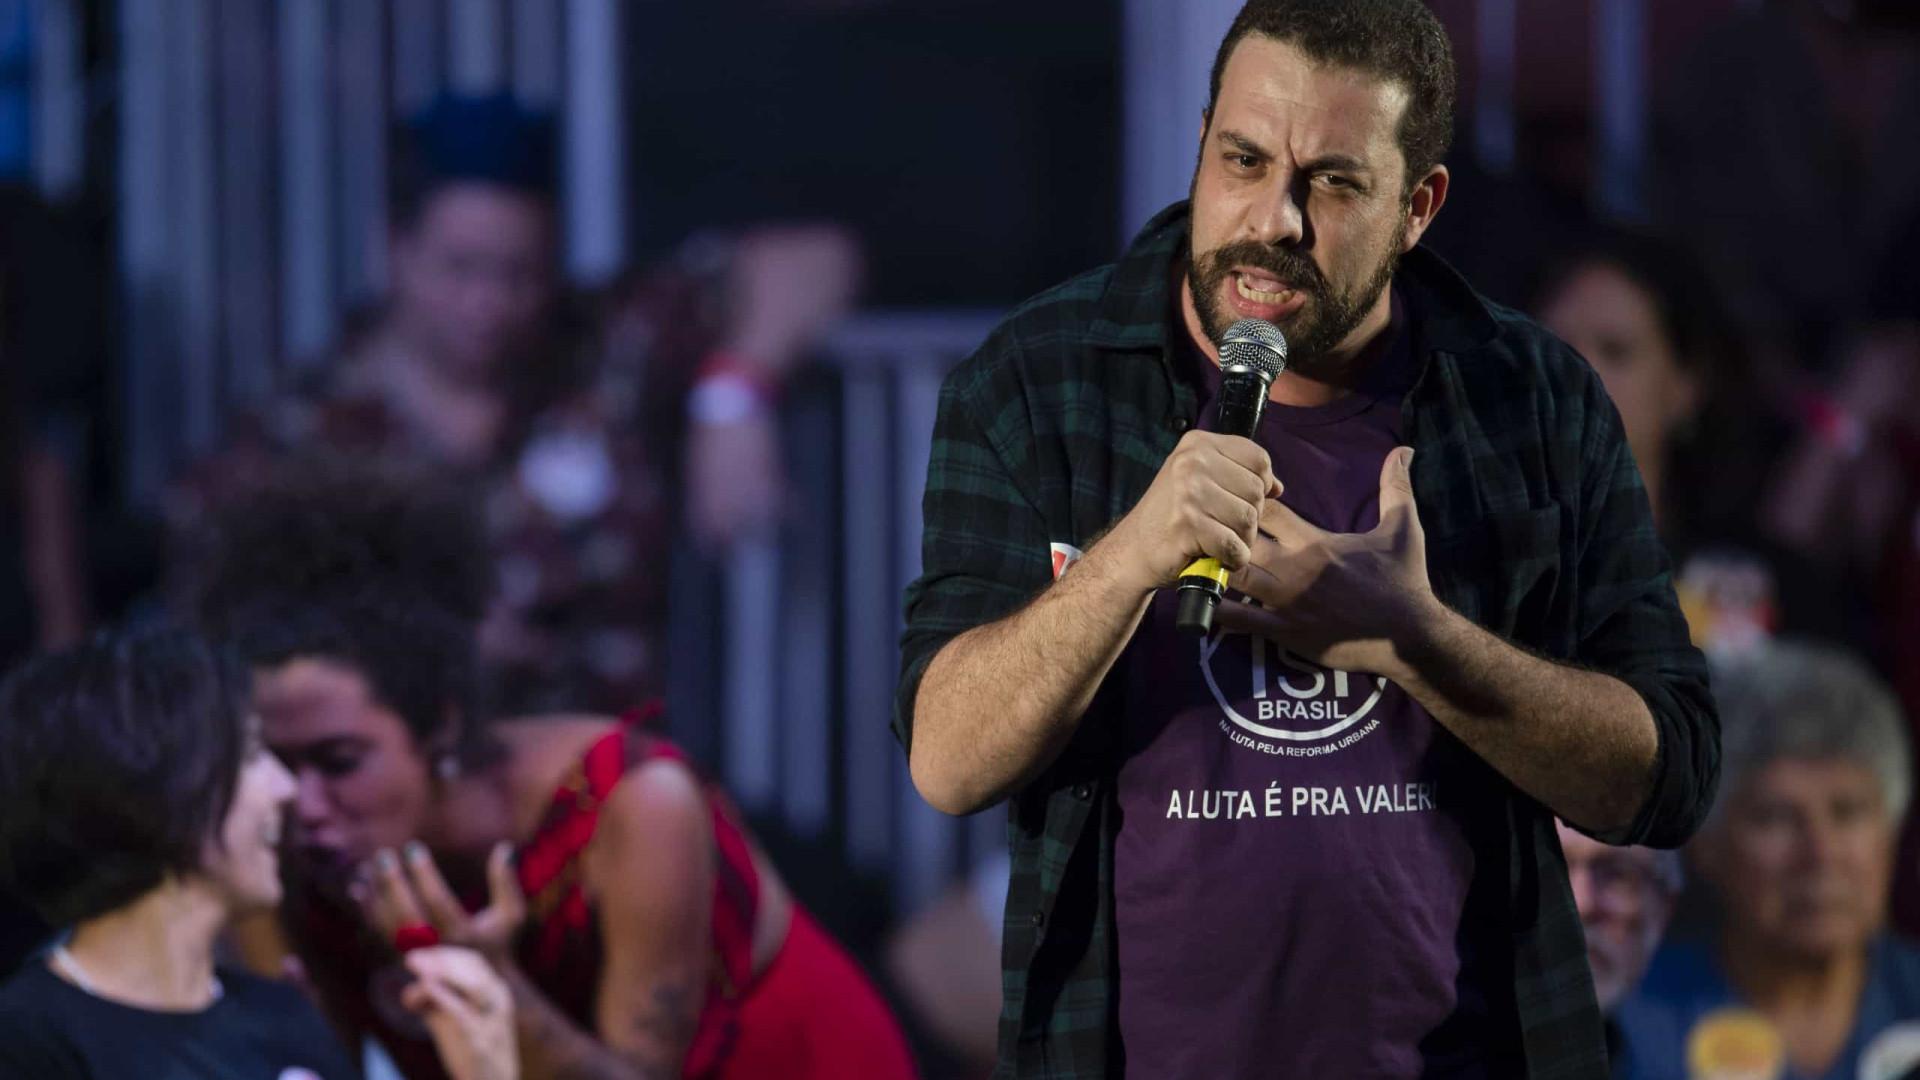 Boulos diz que Lula, Ciro, Dino e outros líderes estarão em sua propaganda